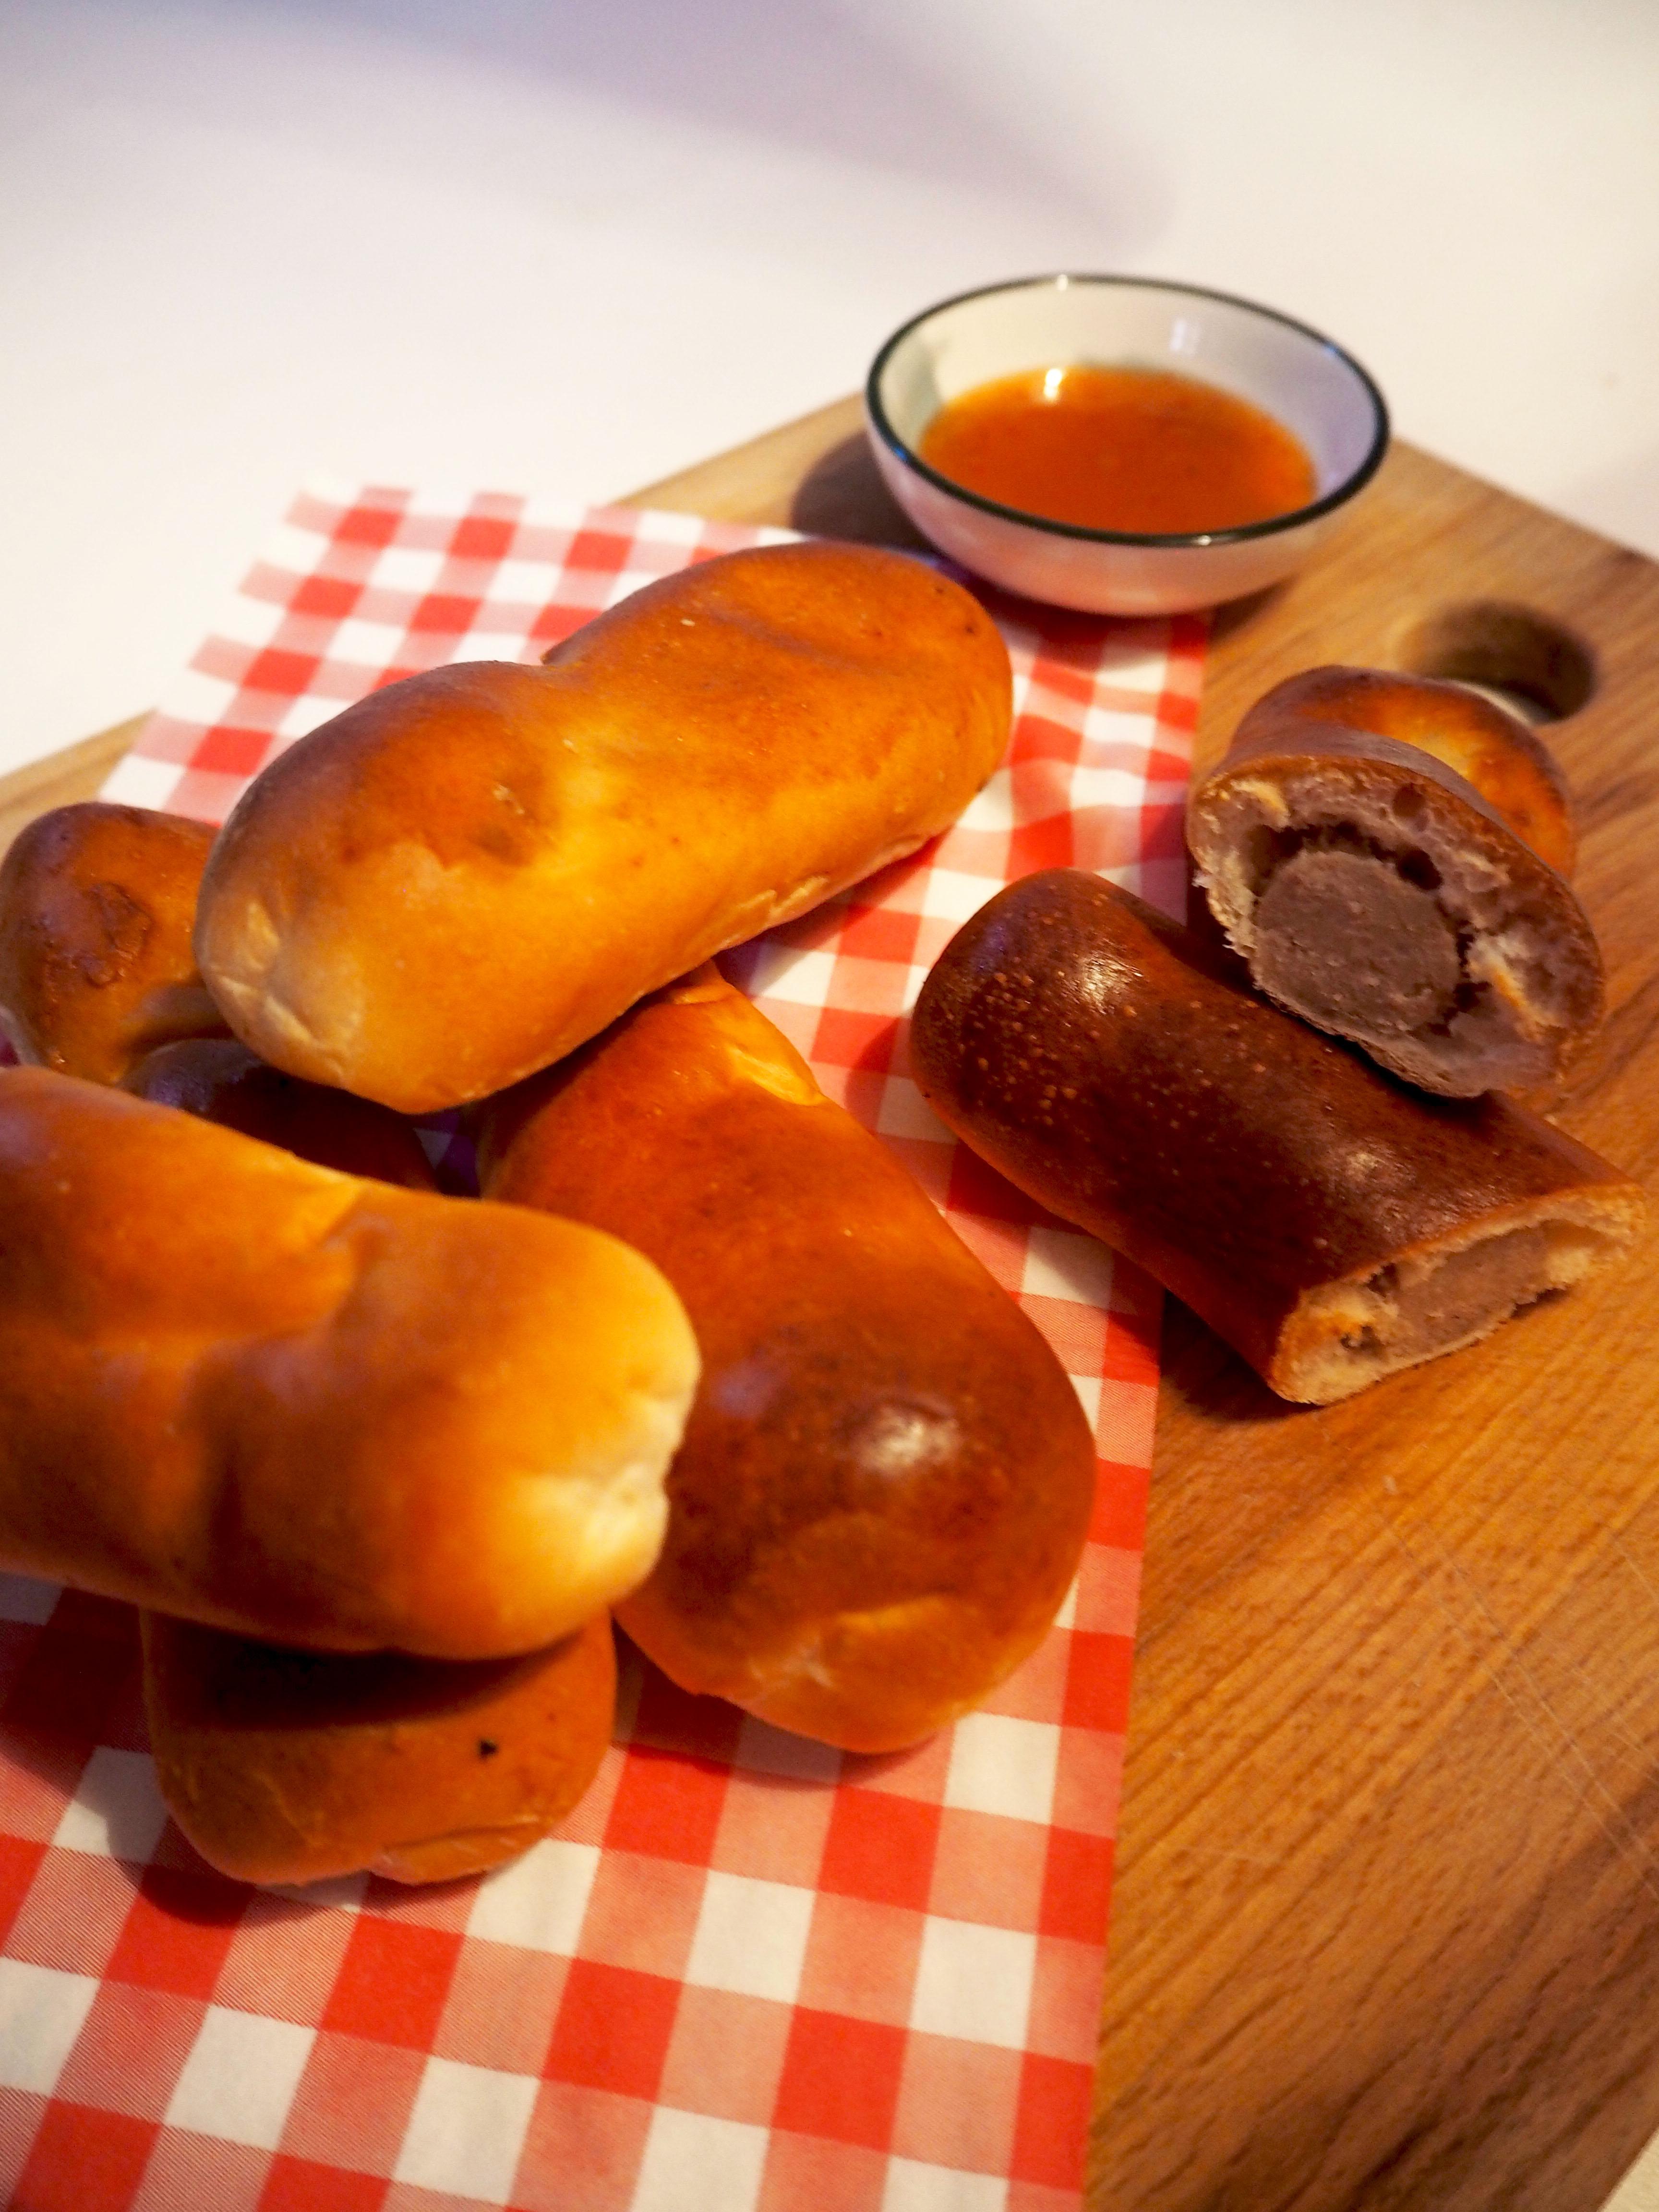 meneer de bakker worstenbrood